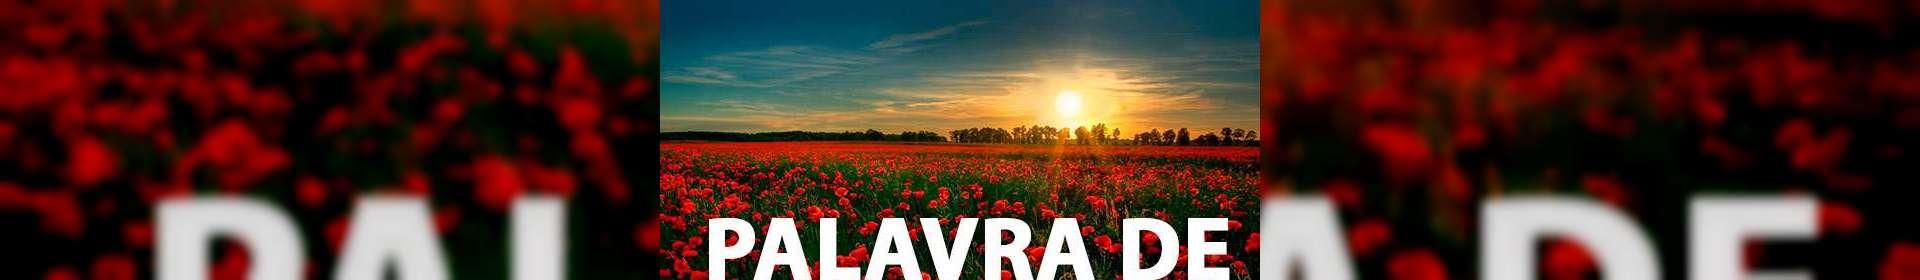 Salmos 46:1-4 - Uma Palavra de Esperança para sua vida